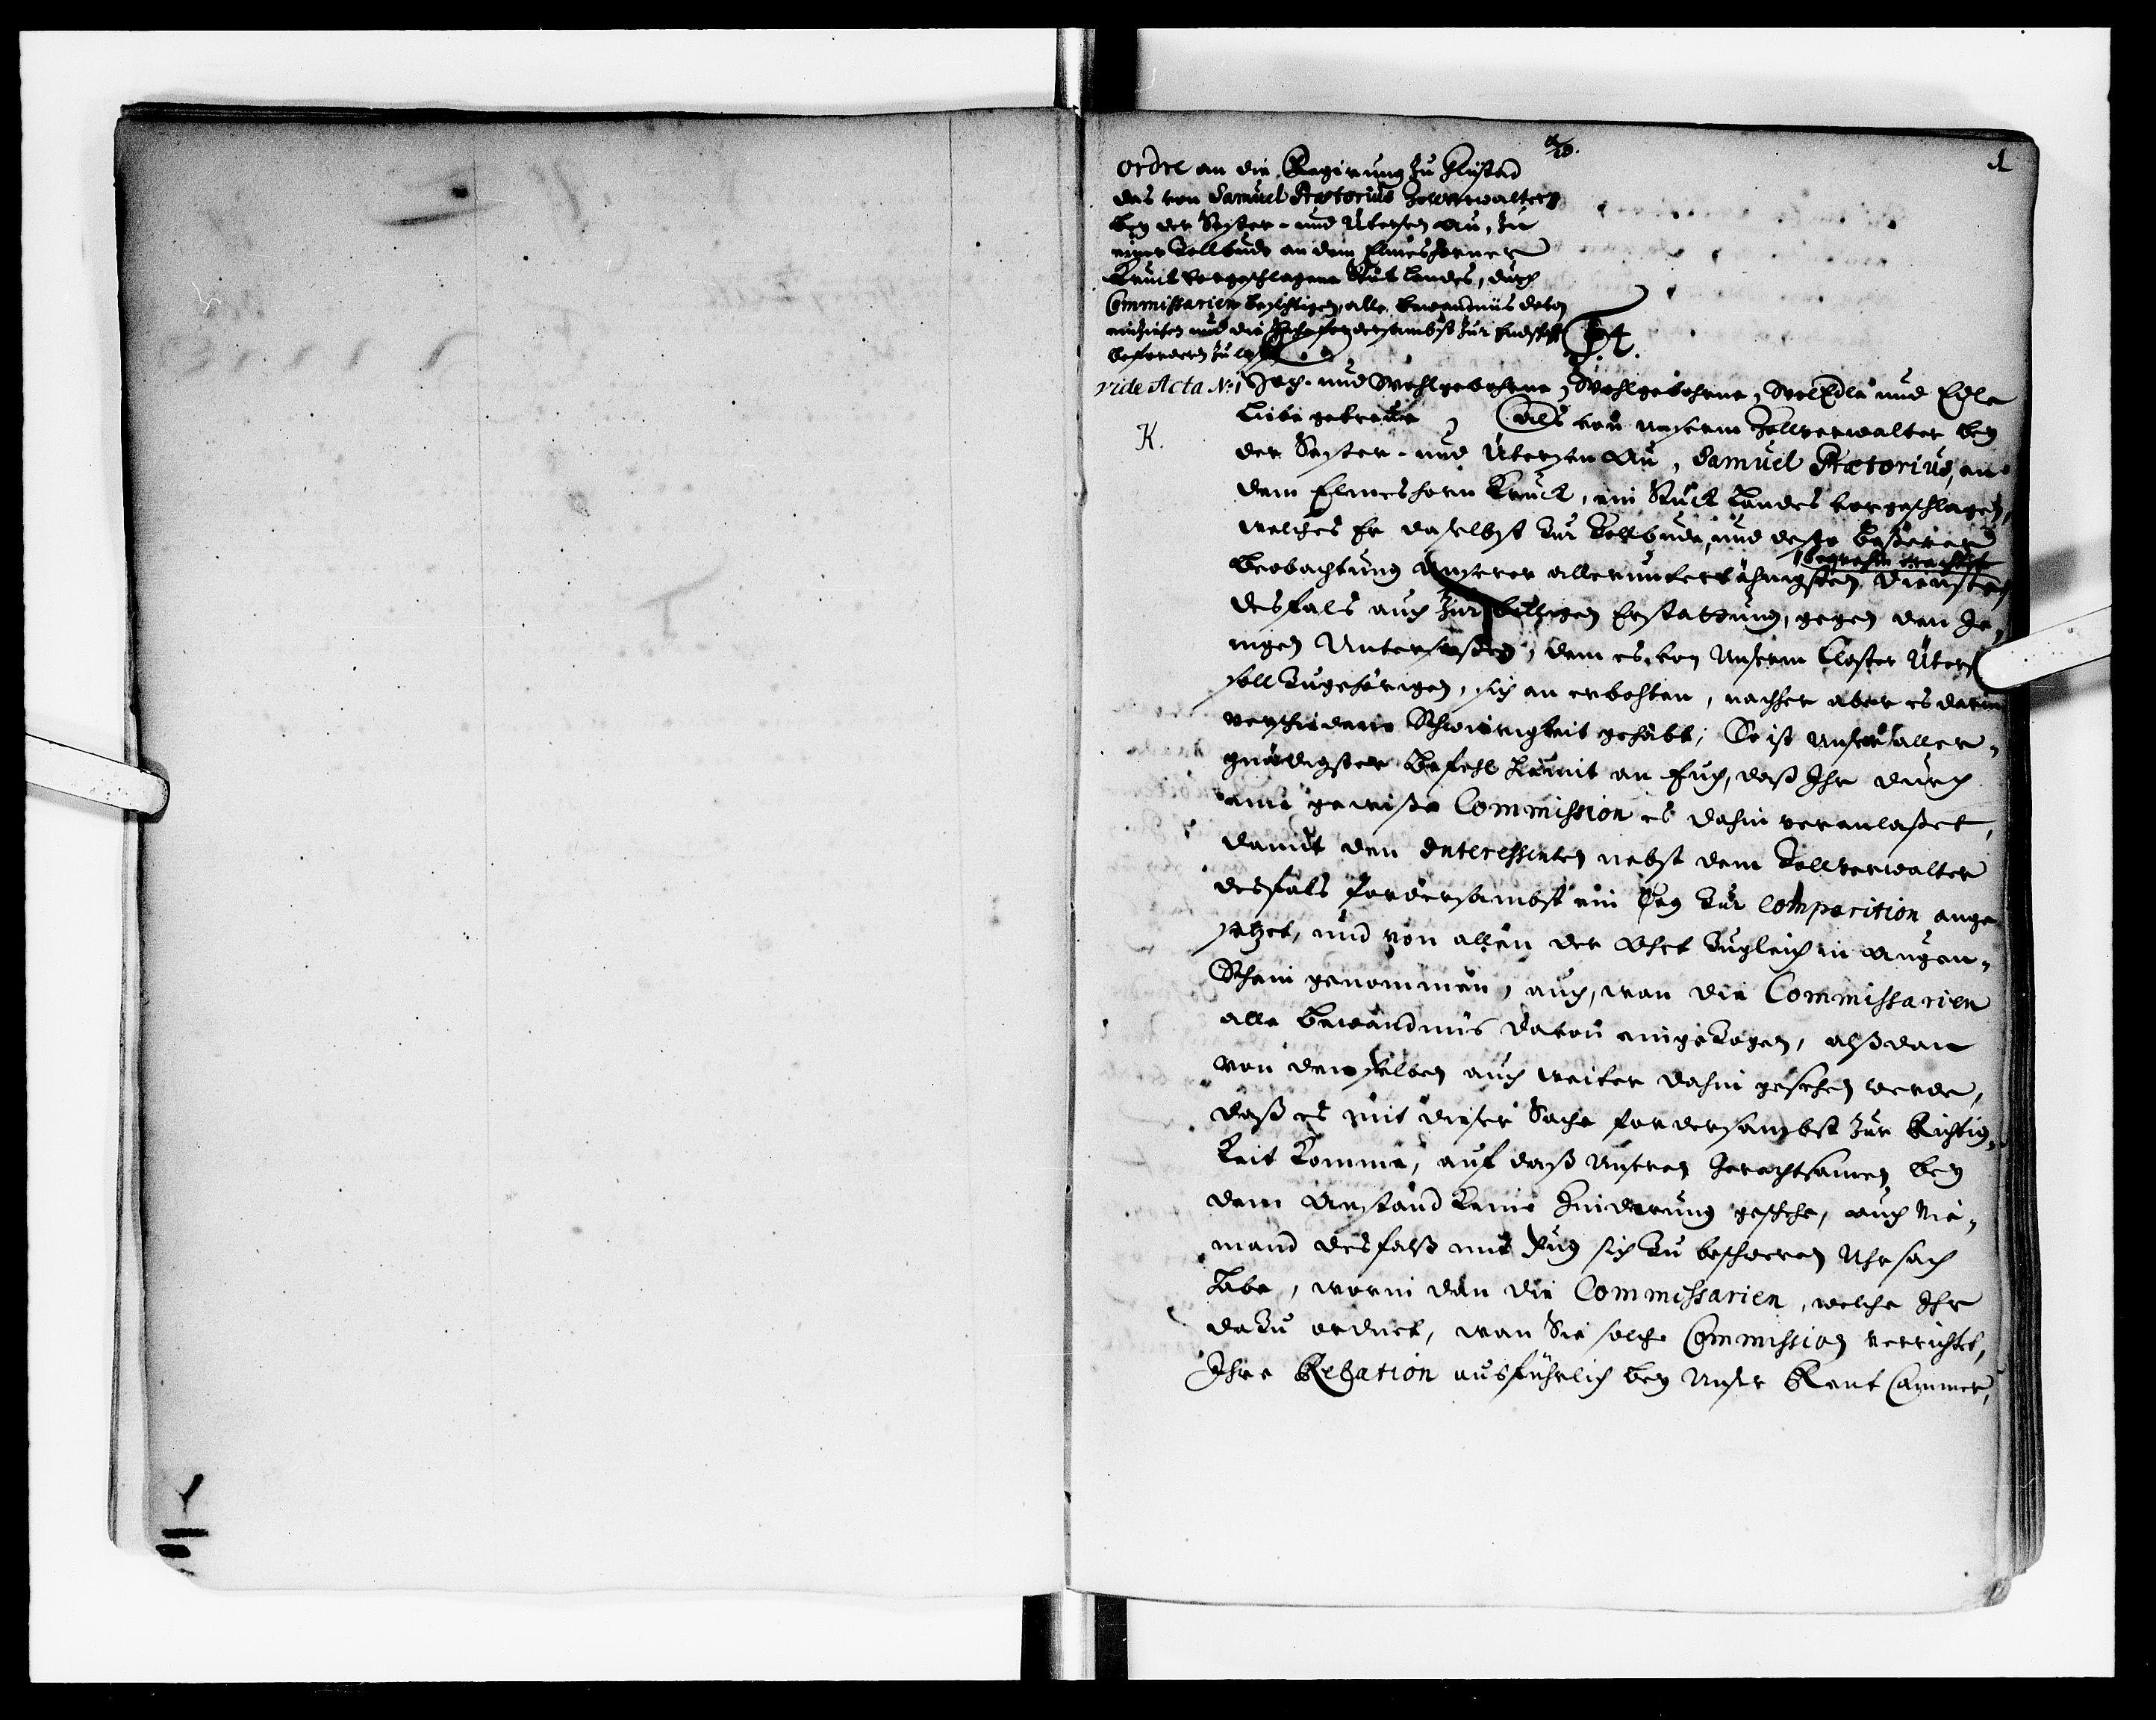 DRA, Rentekammeret Skatkammeret, Danske Sekretariat (1660-1679) / Rentekammeret Danske Afdeling, Kammerkancelliet (1679-1771), -/2212-14: Ekspeditionsprotokol, 1699-1700, s. 1